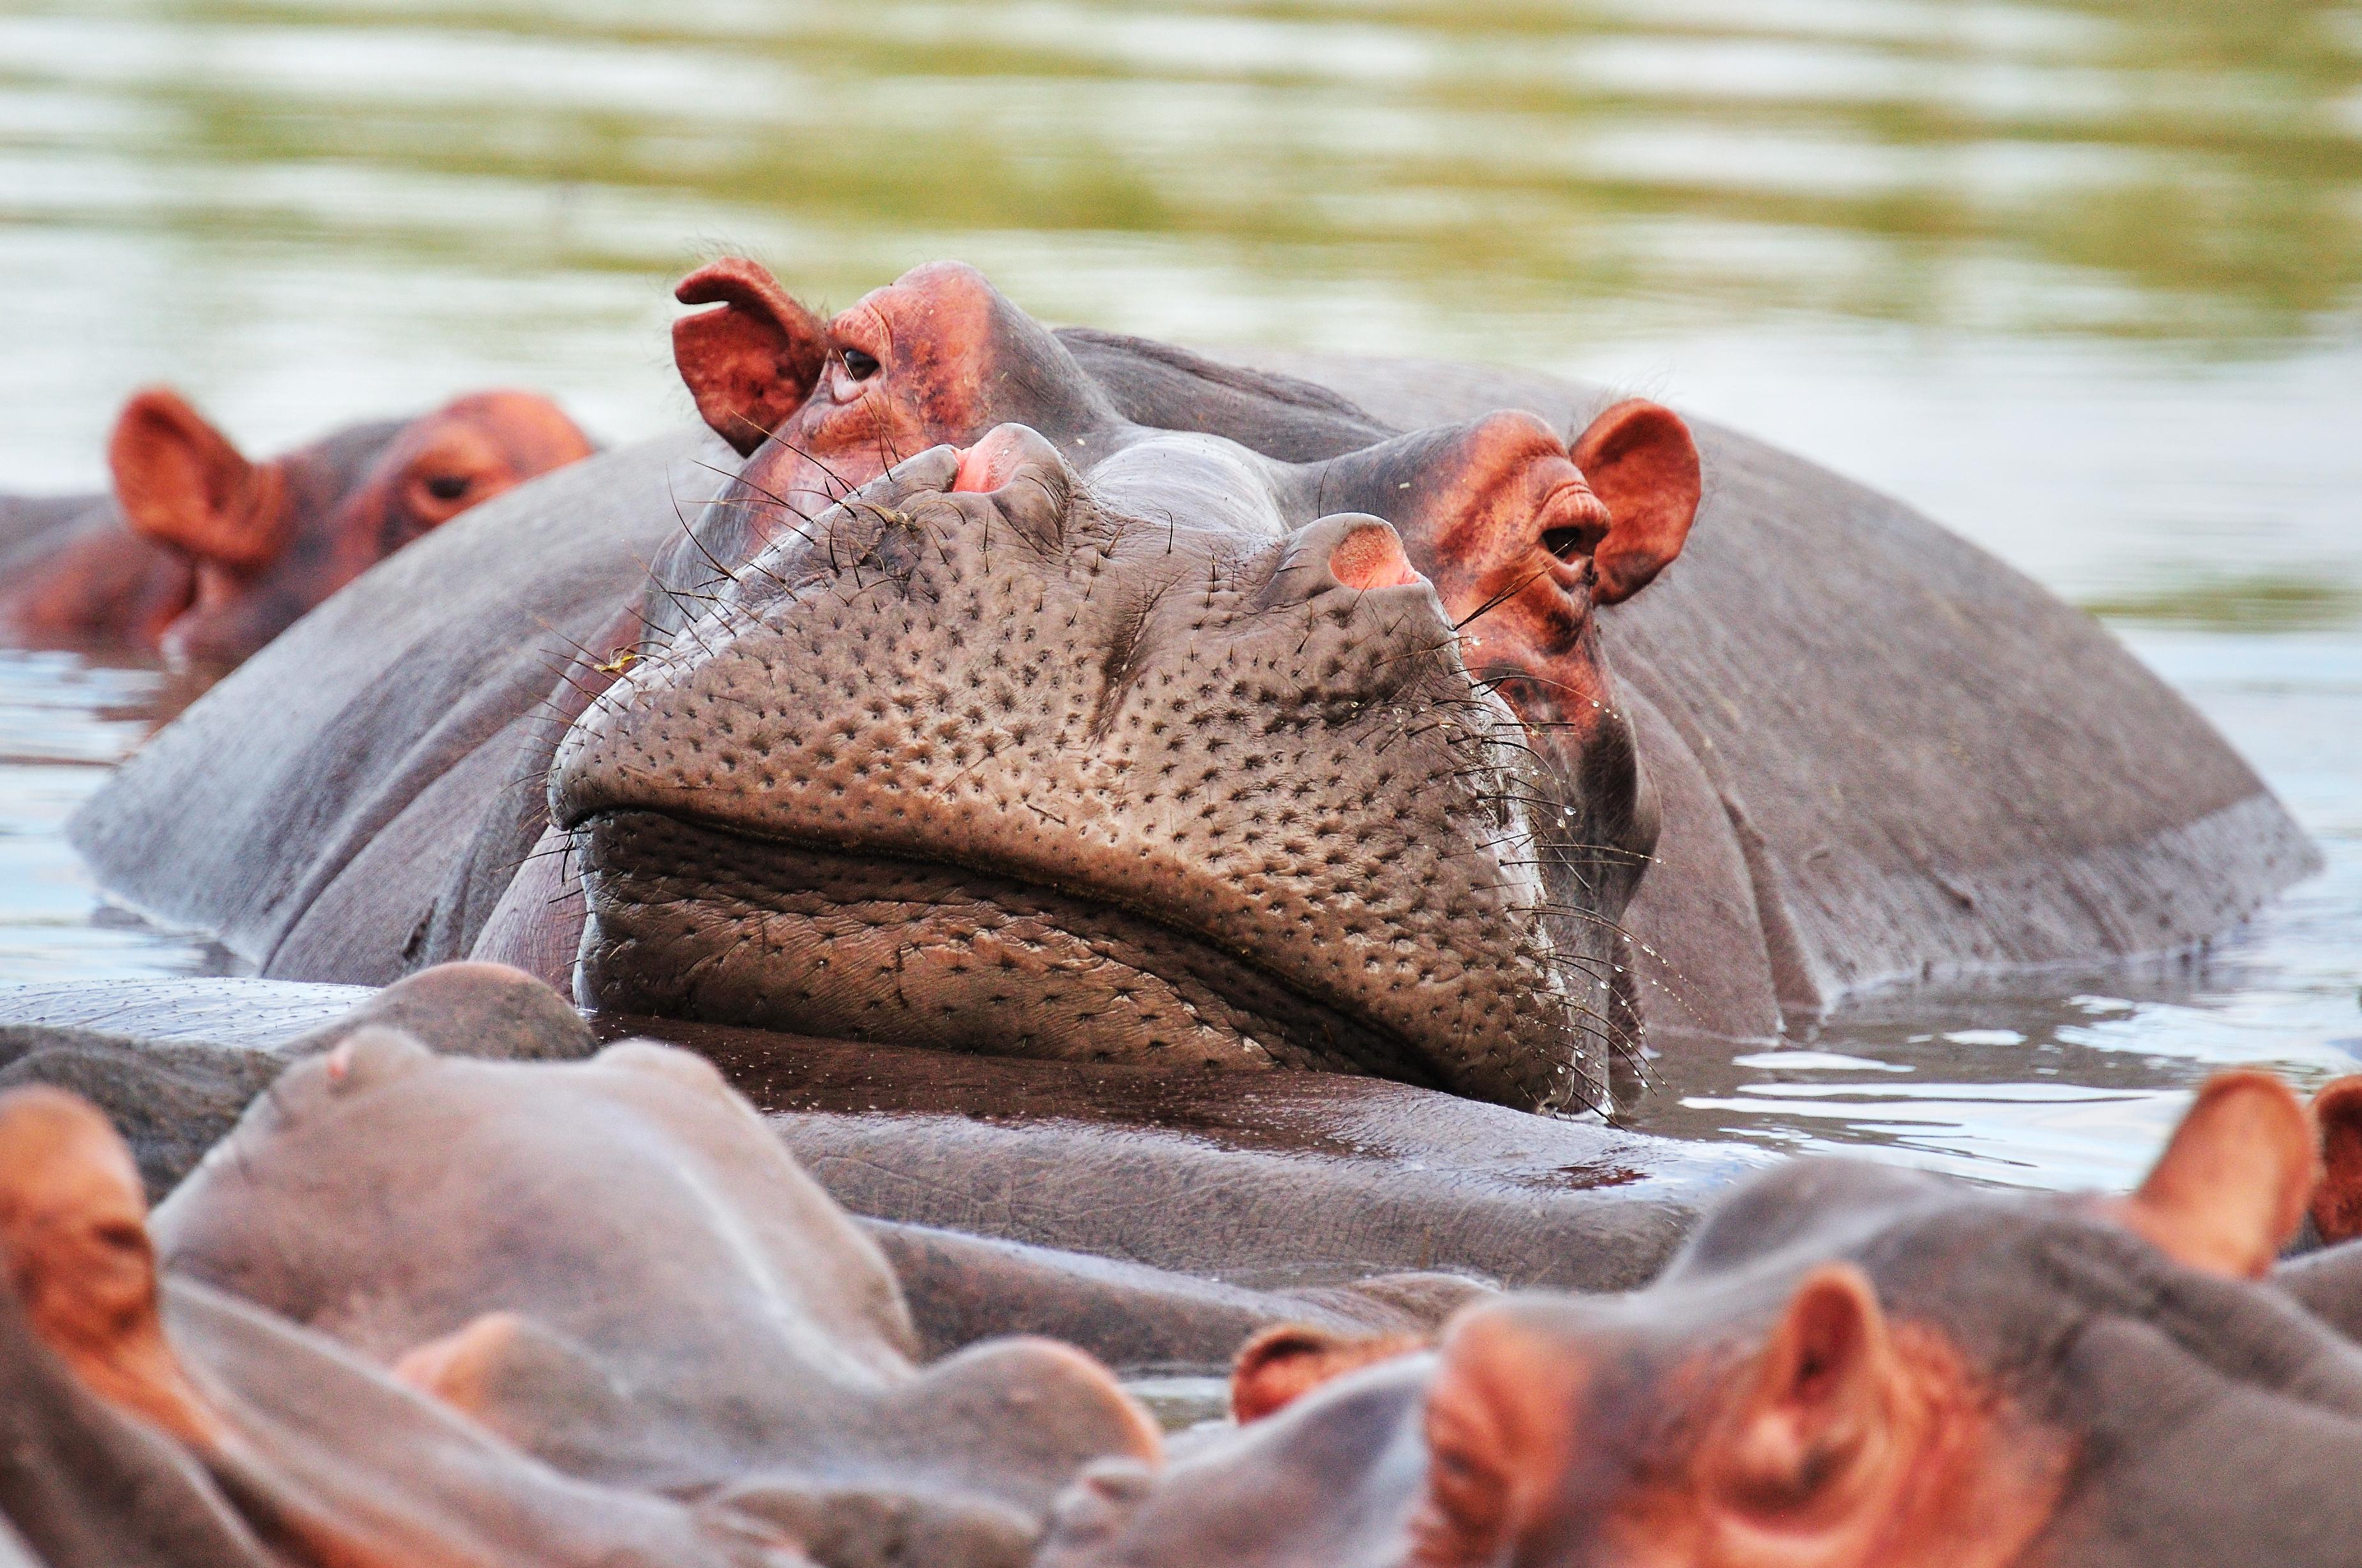 Un equipo internacional de científicos define por primera vez qué es exactamente la 'megafauna'